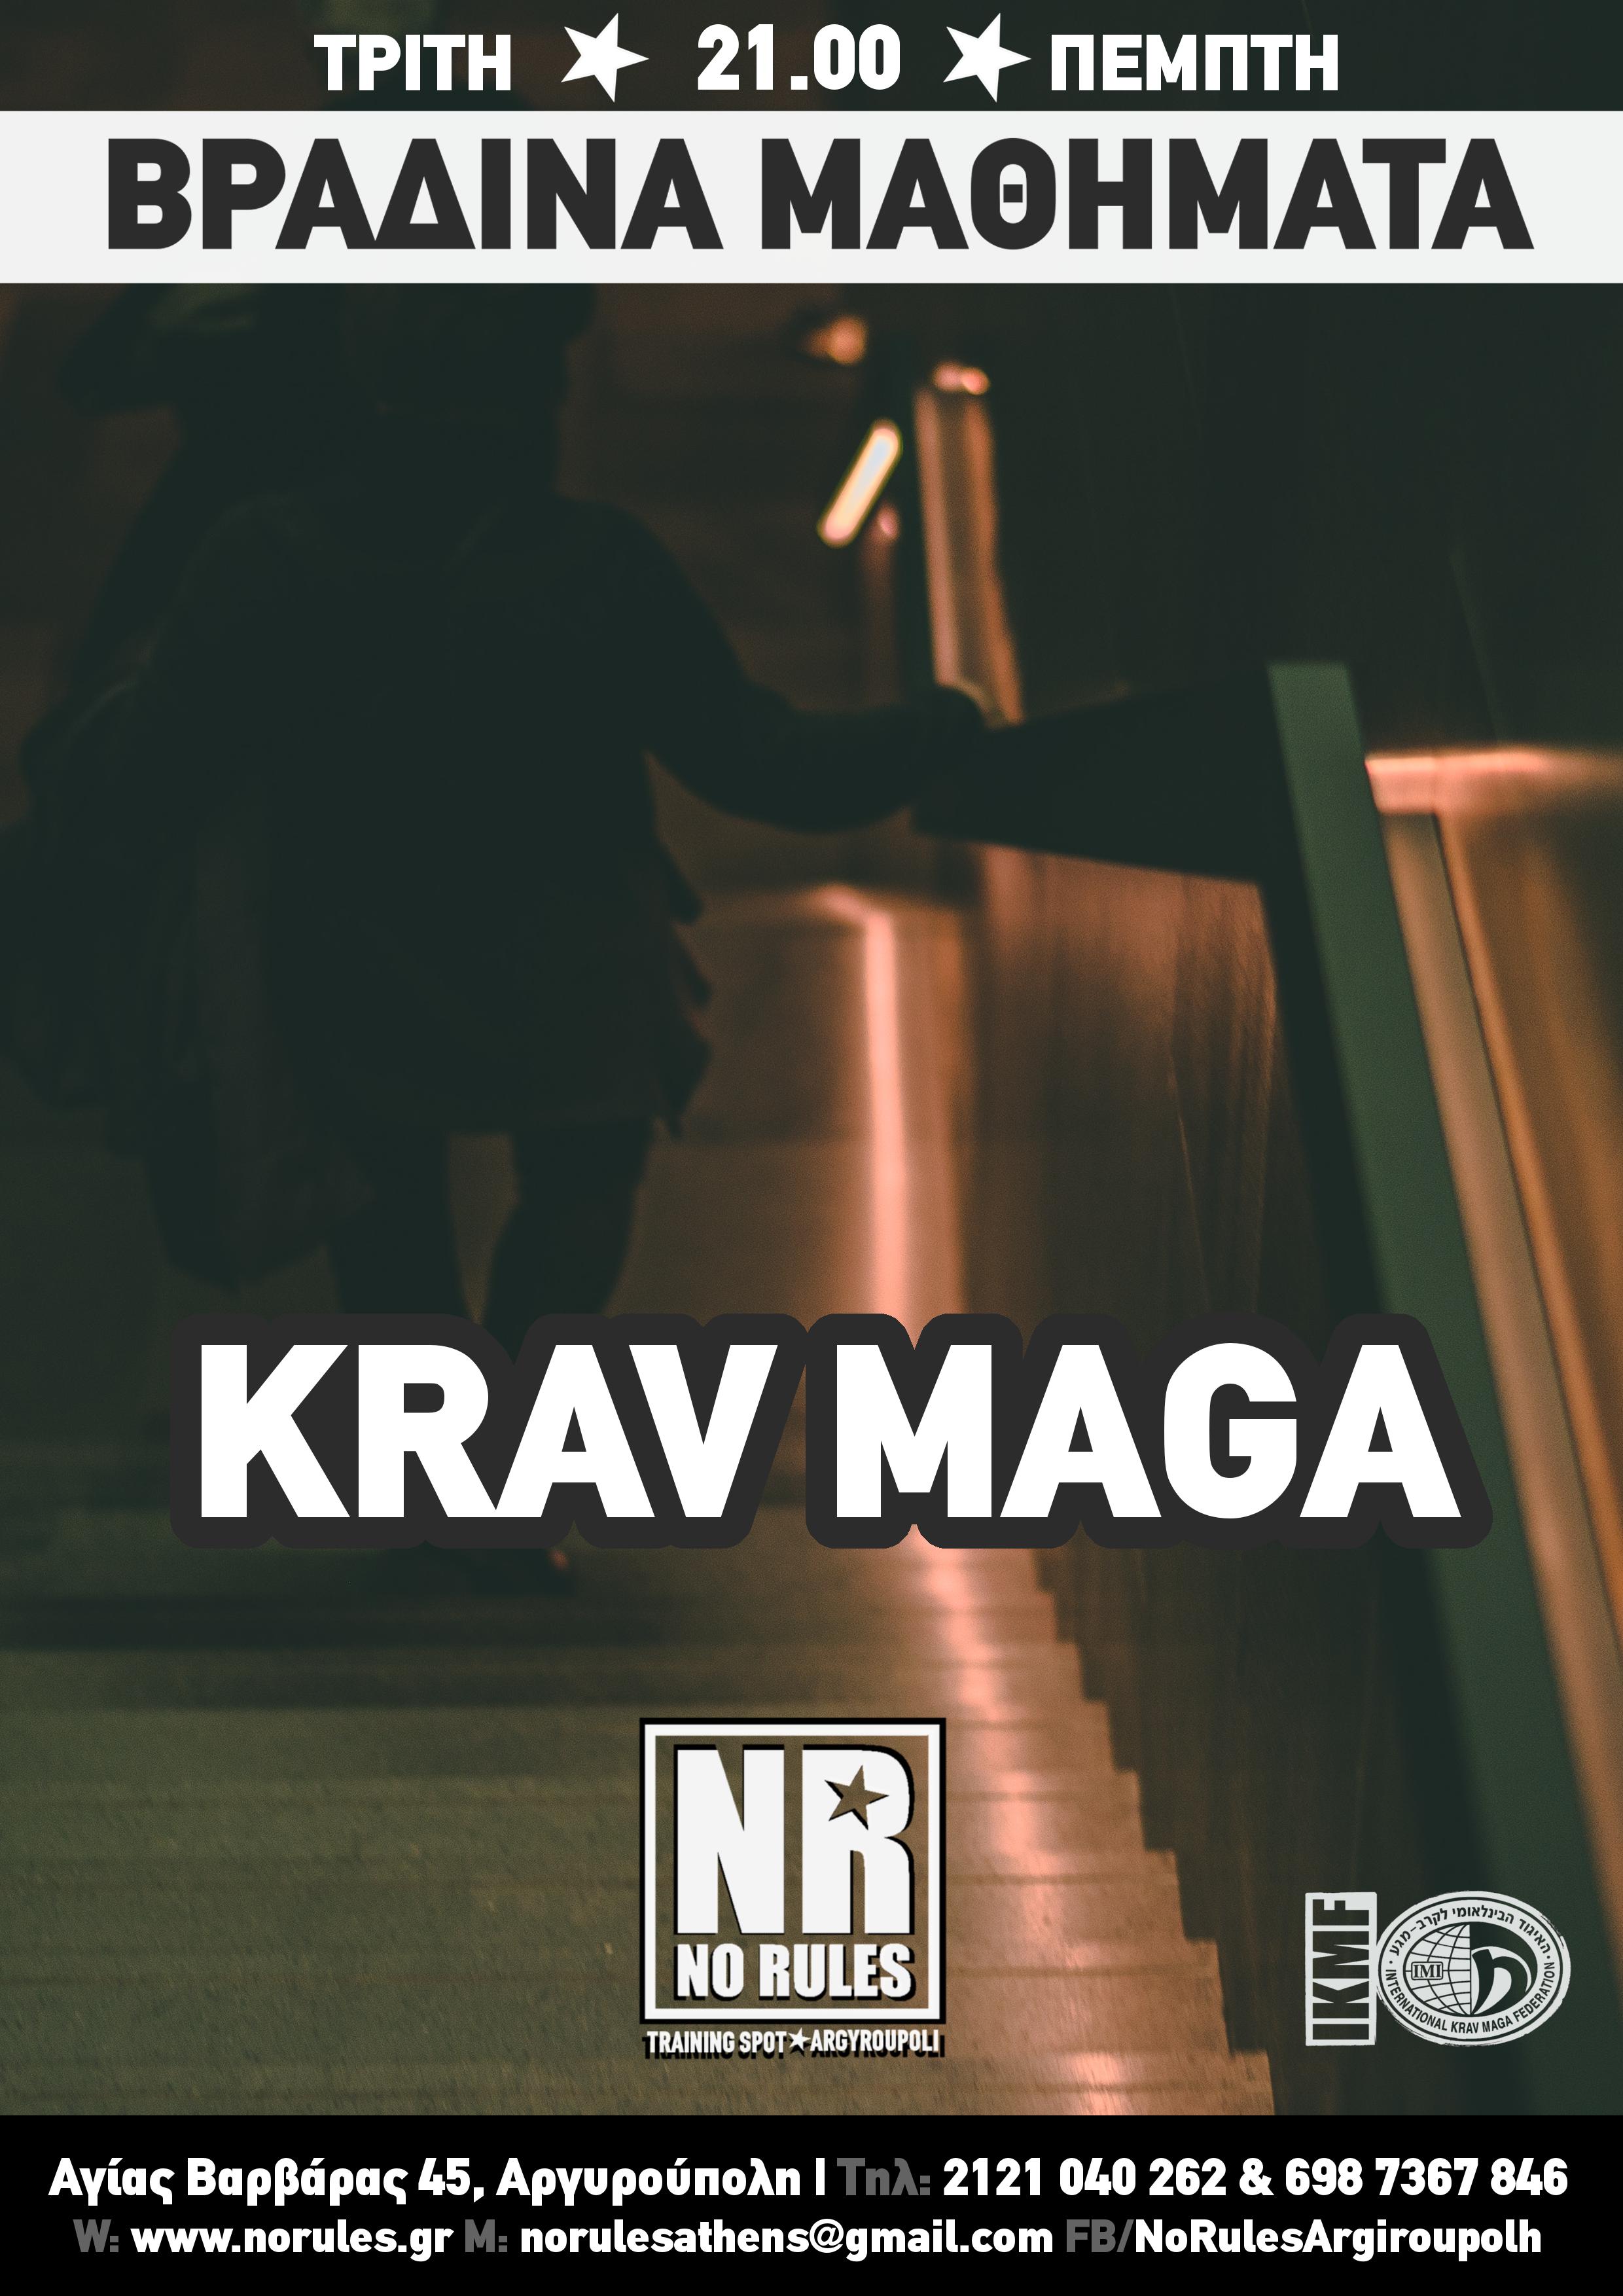 Βραδινό Krav Maga για εργαζόμενους